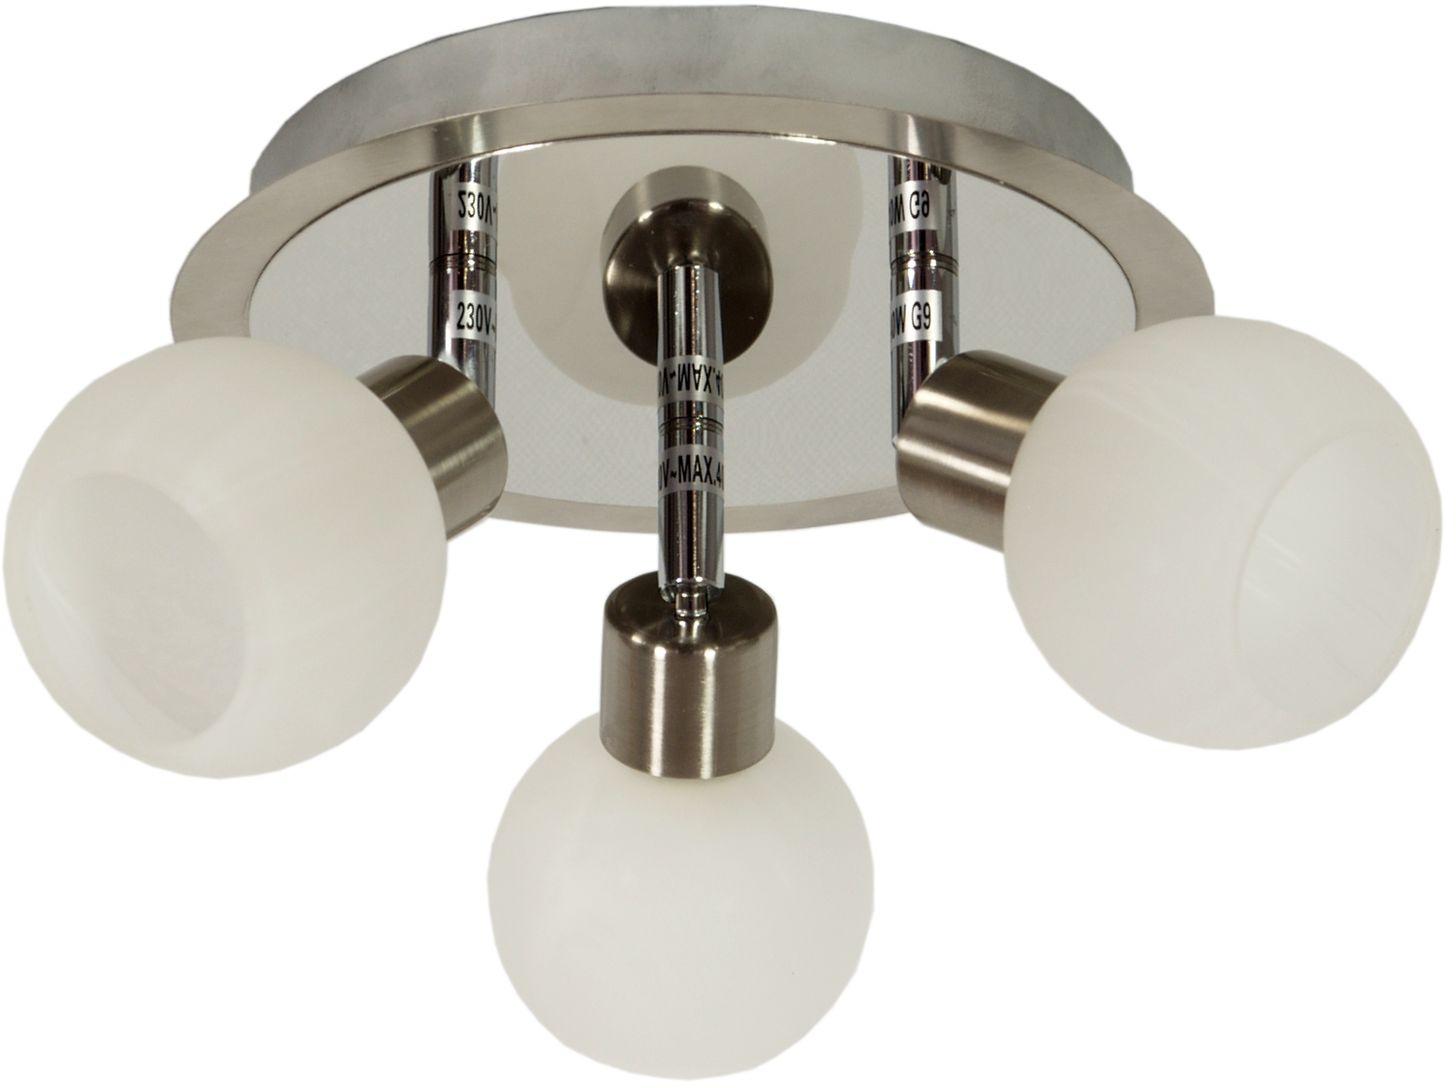 Candellux ALABASTER 98-07025 plafon lampa sufitowa satyna nikiel+chrom szklany klosz 3X40W G9 30cm